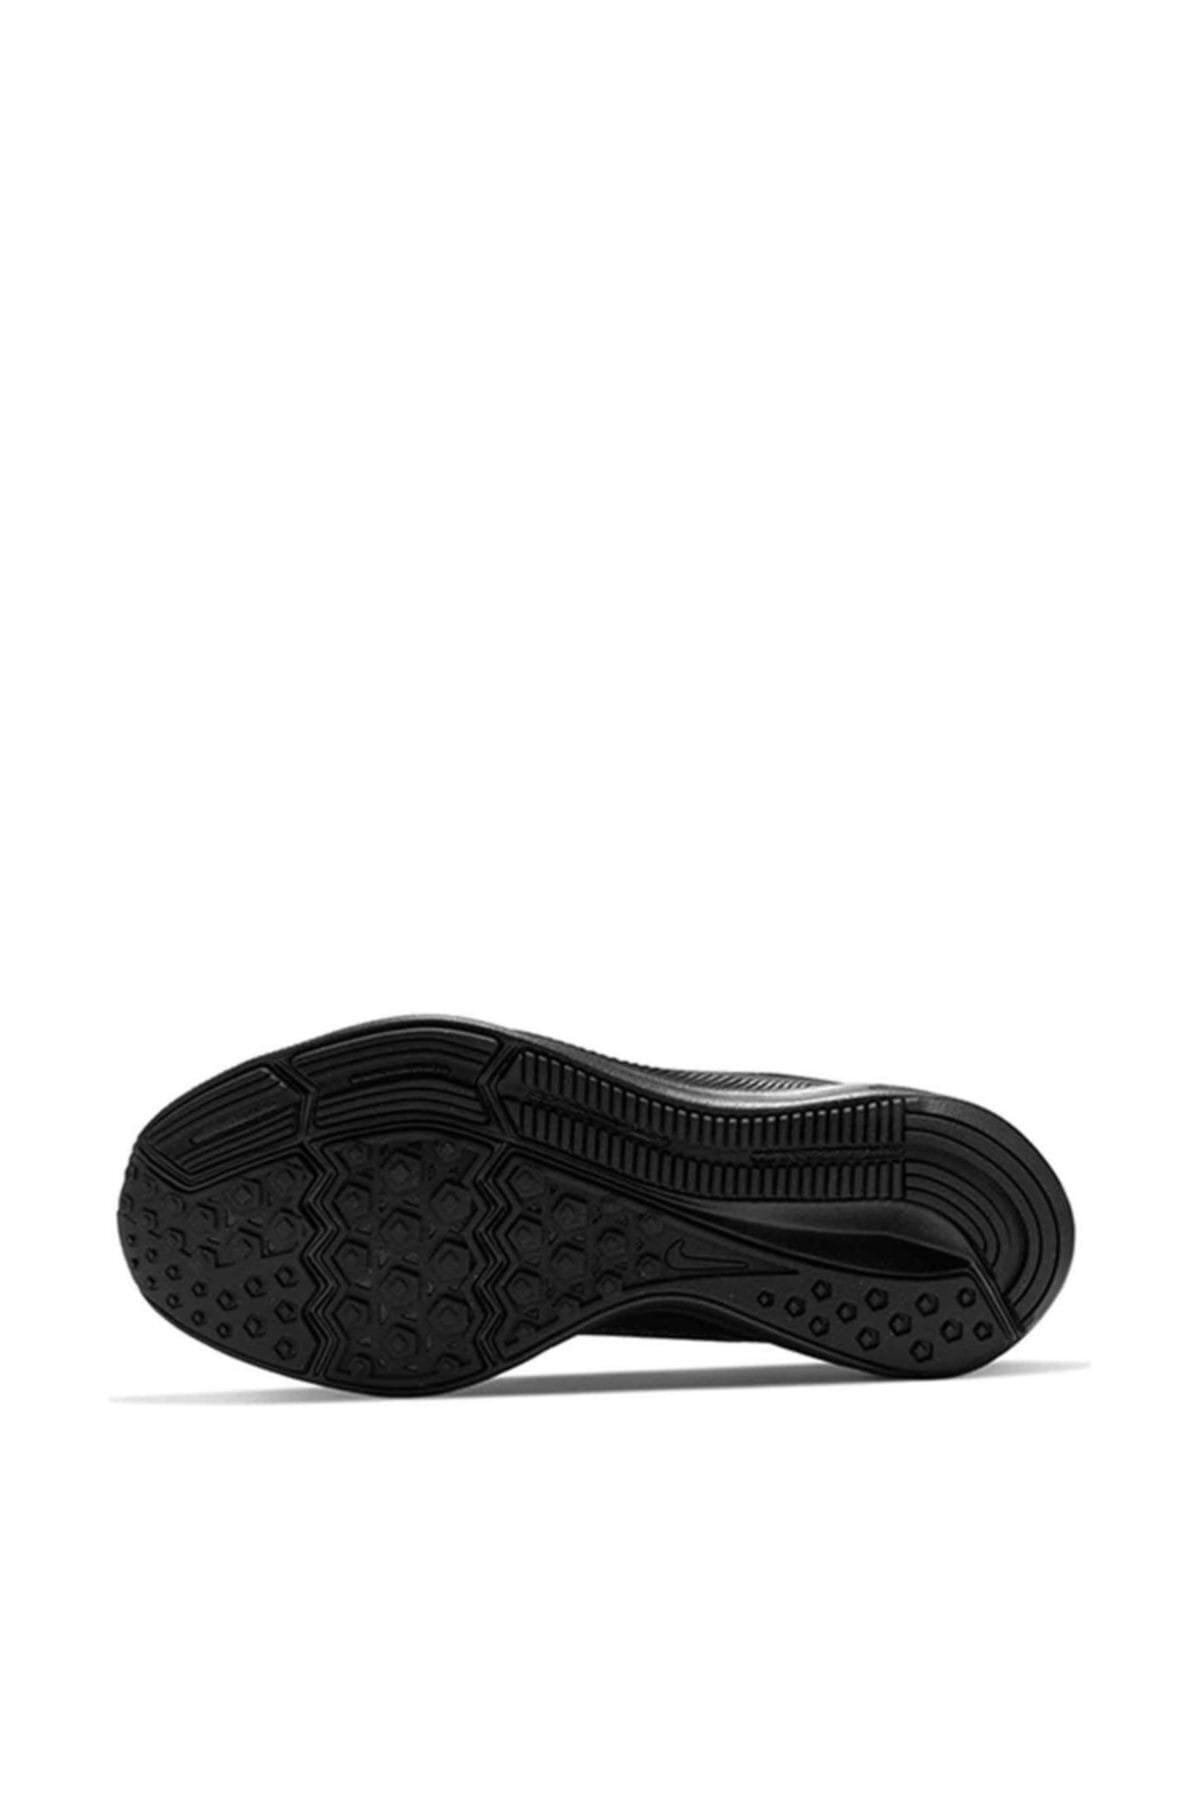 Nike Kadın Siyah Koşu Ayakkabı AQ7486-005 2